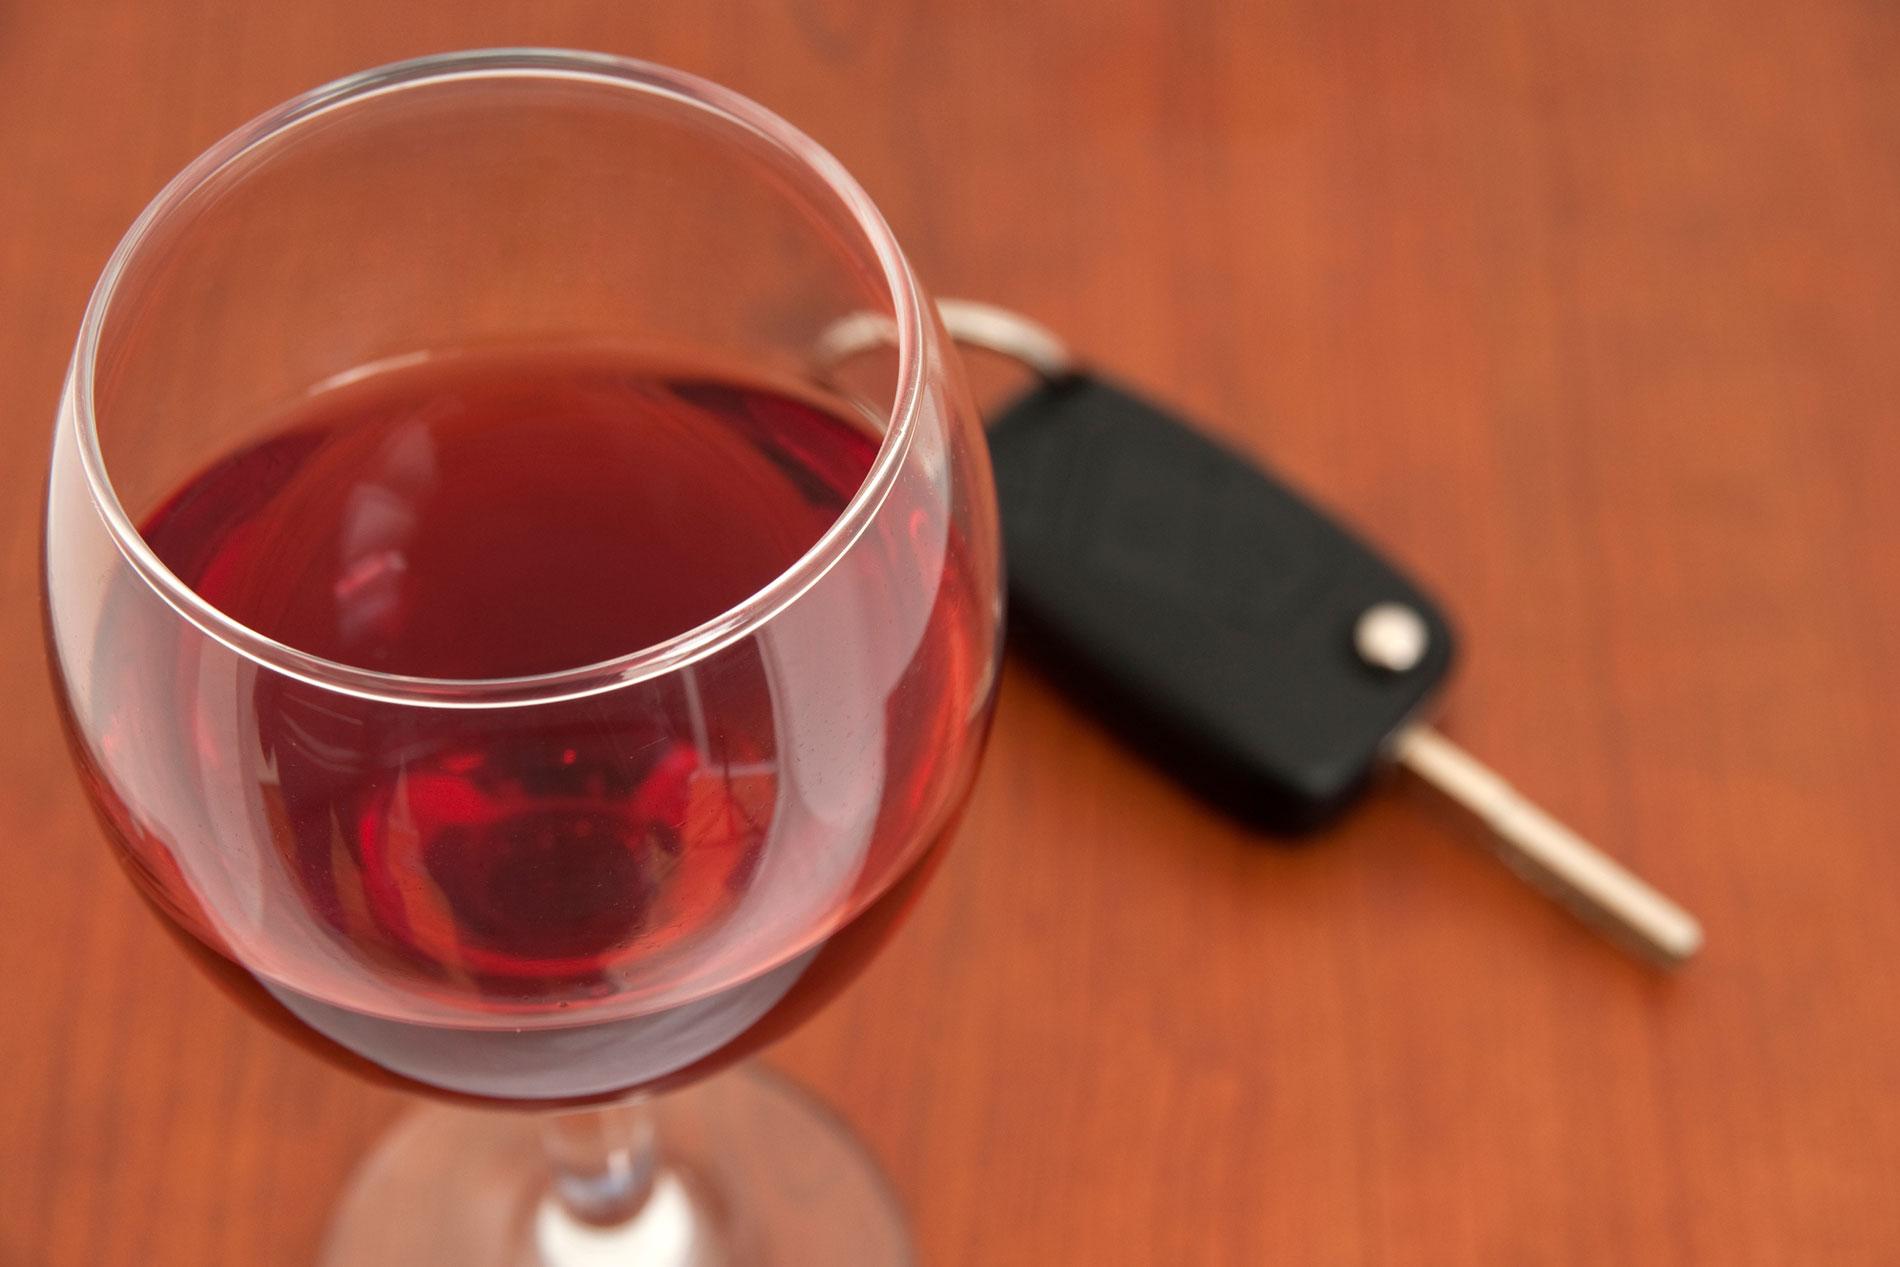 Nivel alto de etanol en sangre